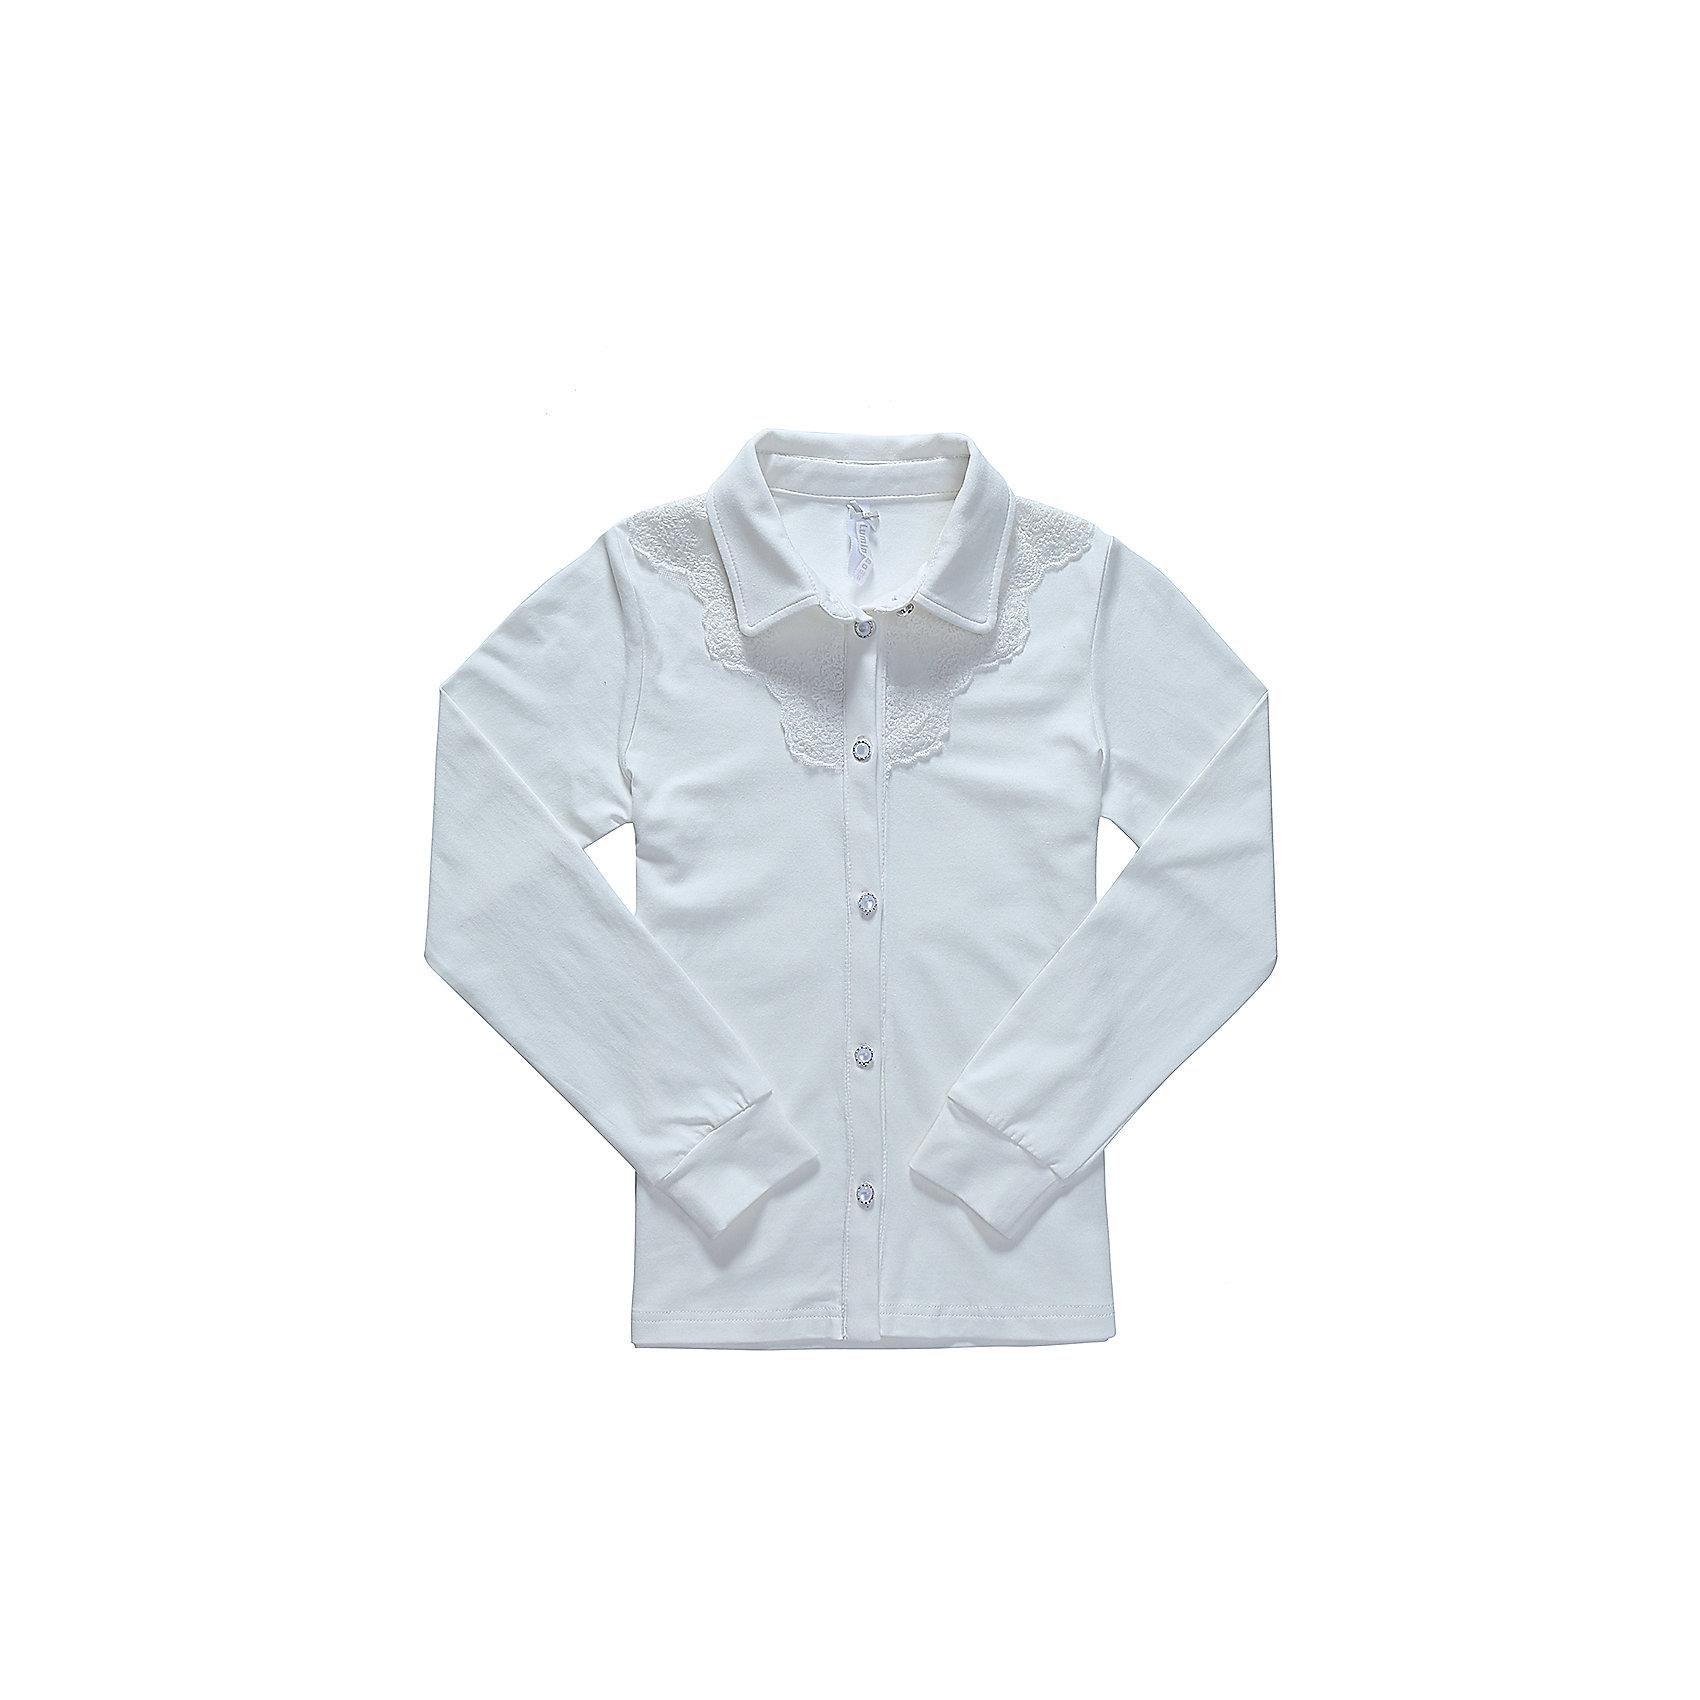 Блузка для девочки LuminosoБлузки и рубашки<br>Характеристики товара:<br><br>• цвет: белый;<br>• состав: 95% хлопок, 5% эластан;<br>• сезон: демисезон;<br>• особенности: школьная, однотонная;<br>• с длинным рукавом;<br>• застежка: пуговицы;<br>• трикотажный эластичные манжеты; <br>• отложной воротничок;<br>• ворот декорирован кружевом;<br>• страна бренда: Россия;<br>• страна производства: Китай.<br><br>Школьная блузка с длинным рукавом для девочки из хлопкового полотна, с отложным воротничком. Рукав с трикотажным манжетом. Блузка декорирована кружевным плетением. Застегивается на изящные пуговки.<br><br>Блузка для девочки Luminoso (Люминосо) можно купить в нашем интернет-магазине.<br><br>Ширина мм: 186<br>Глубина мм: 87<br>Высота мм: 198<br>Вес г: 197<br>Цвет: белый<br>Возраст от месяцев: 156<br>Возраст до месяцев: 168<br>Пол: Женский<br>Возраст: Детский<br>Размер: 164,122,128,134,140,146,152,158<br>SKU: 6672887